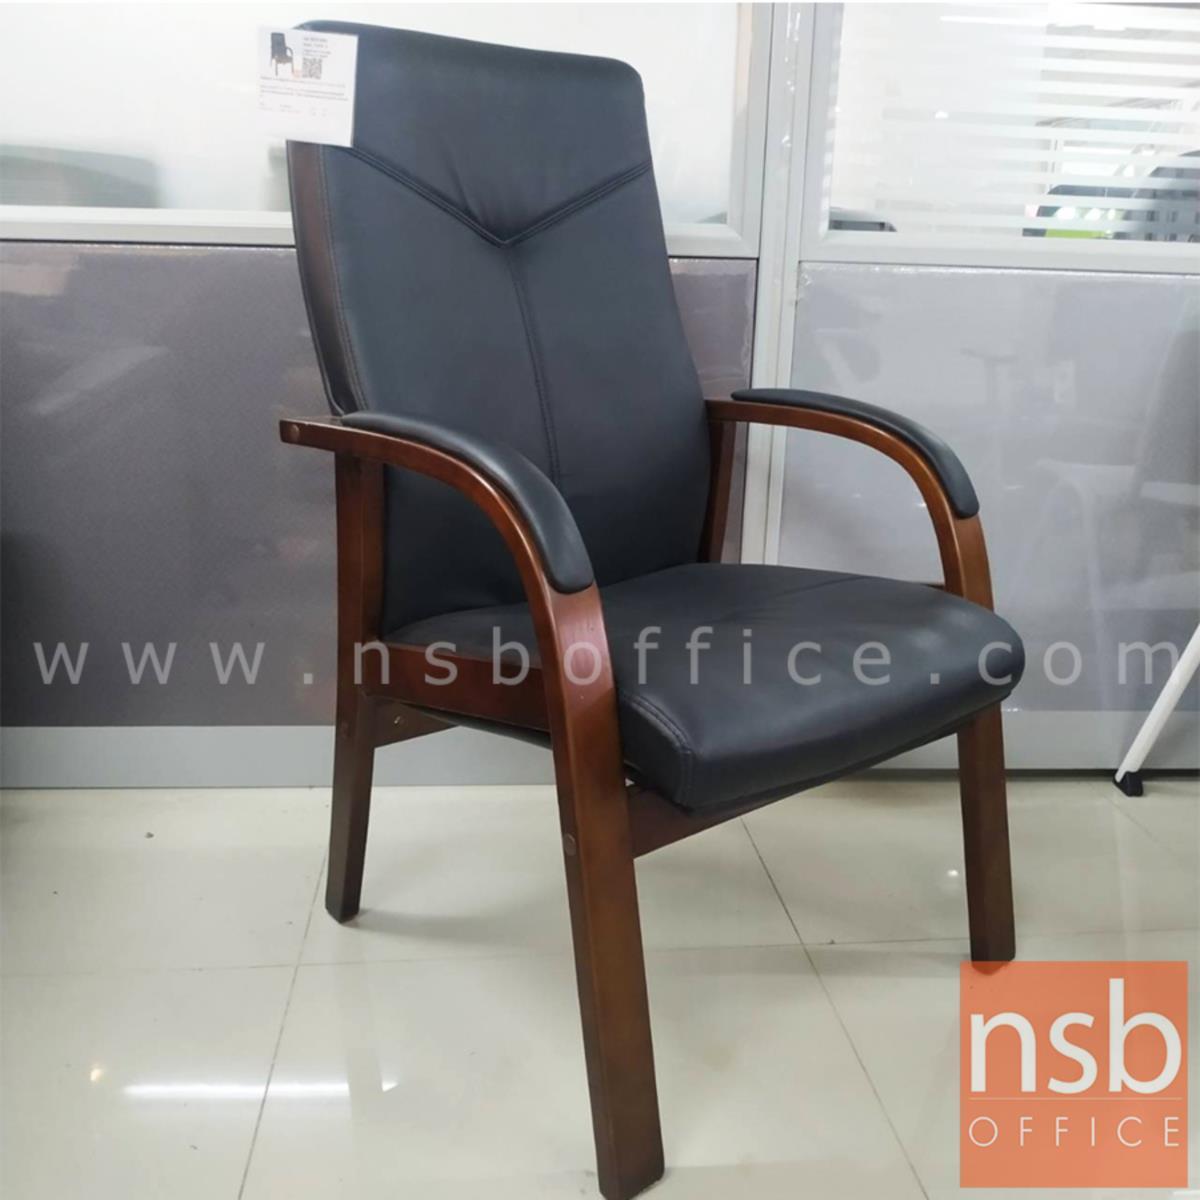 เก้าอี้ผู้บริหารหนังเทียม รุ่น Knox (นอกซ์)  ขาไม้